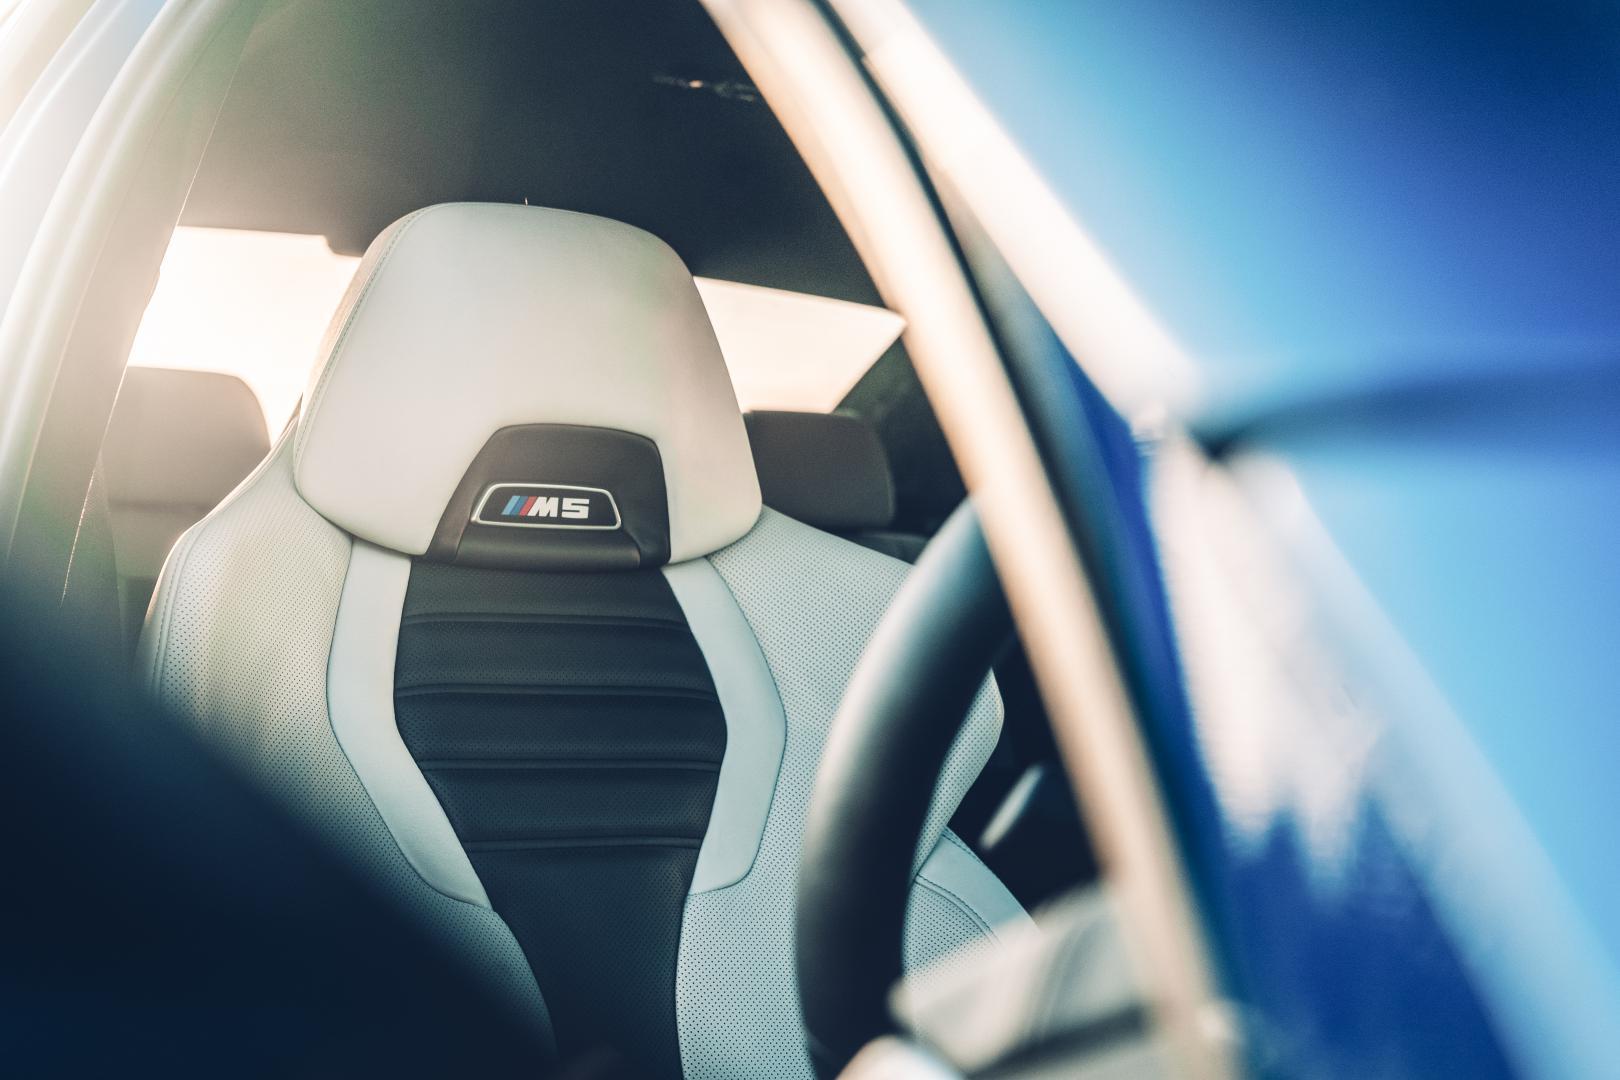 BMW M5 stoelen kuipstoel